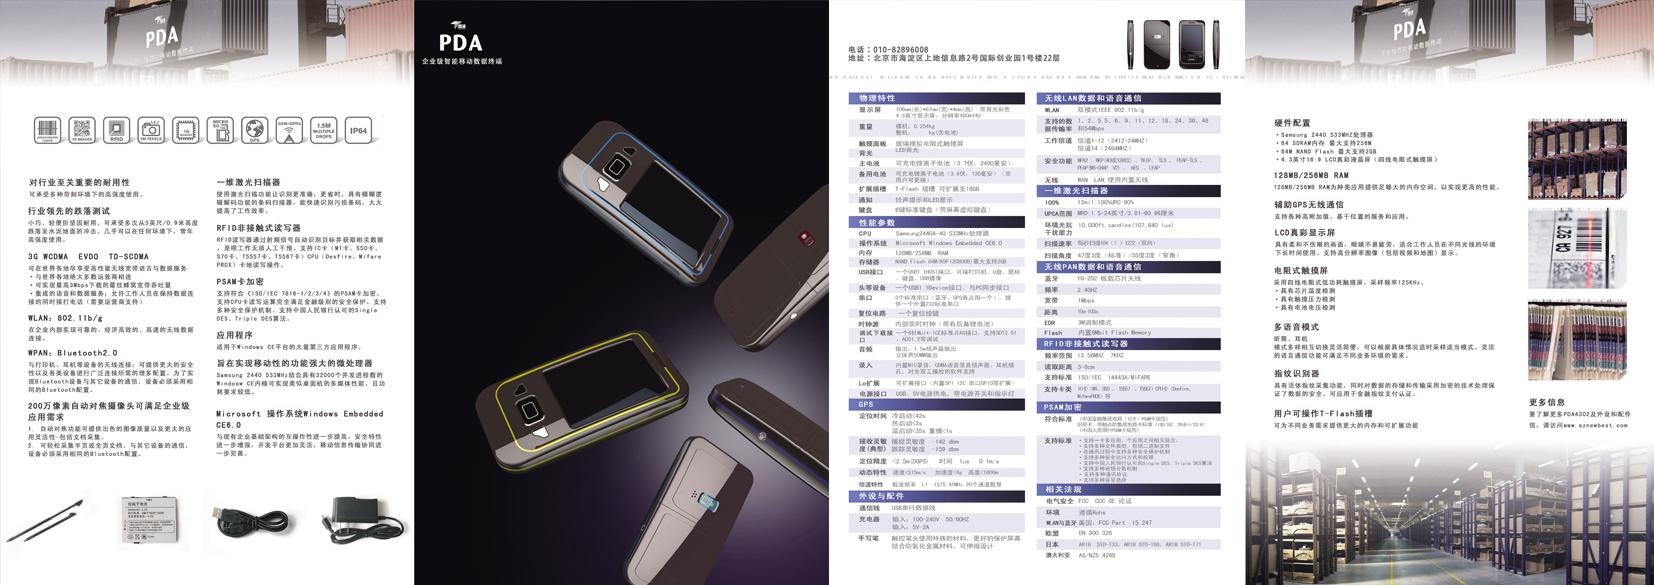 产品宣传册设计_金刚阿花设计案例展示_一品威客网图片